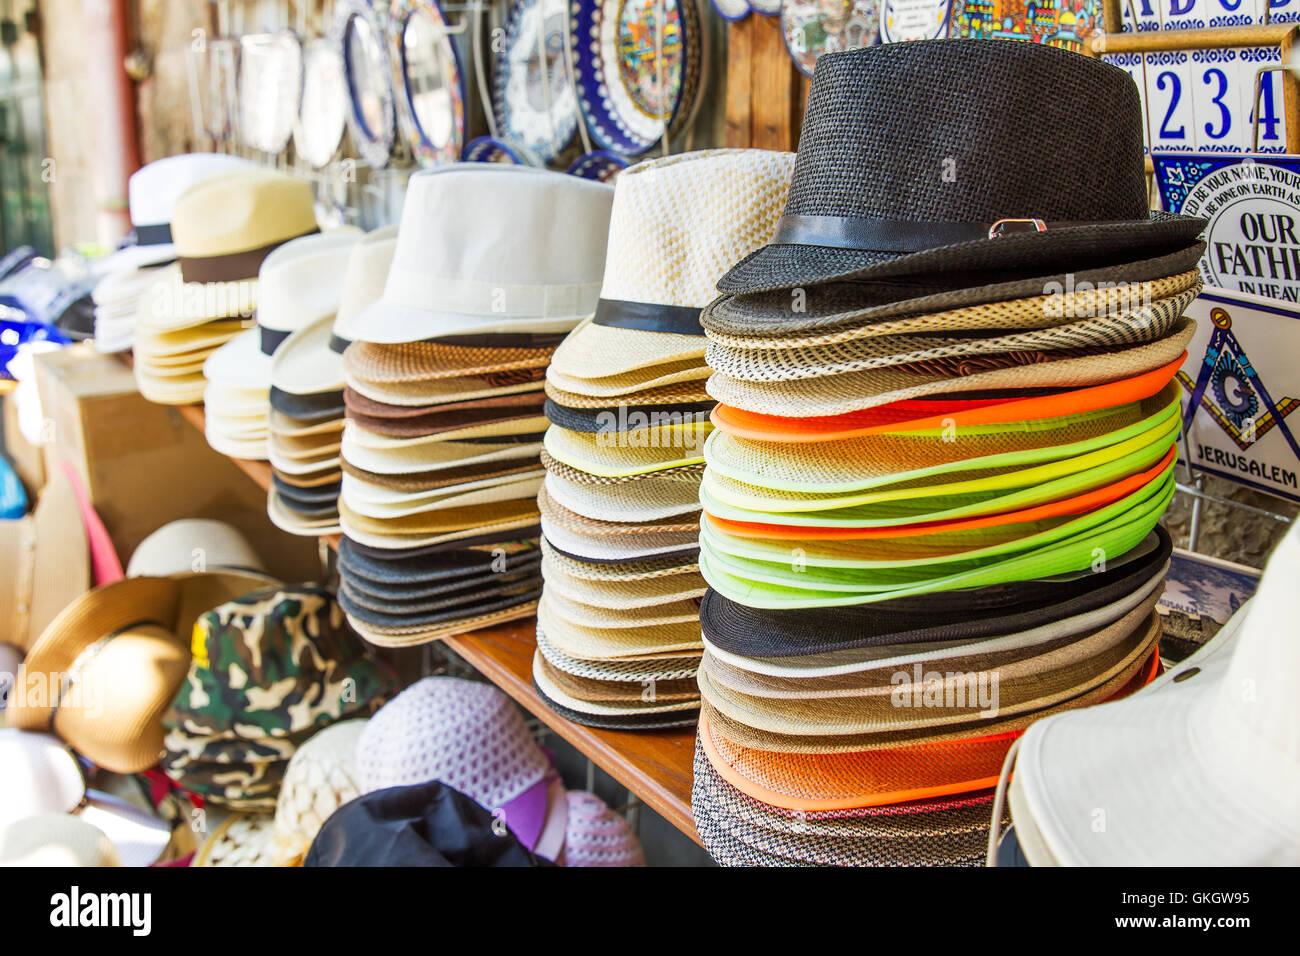 3f8b1a10a8f52 Los sombreros Panamá artesanales para la venta. Sombreros de Panamá para  venta en un puesto